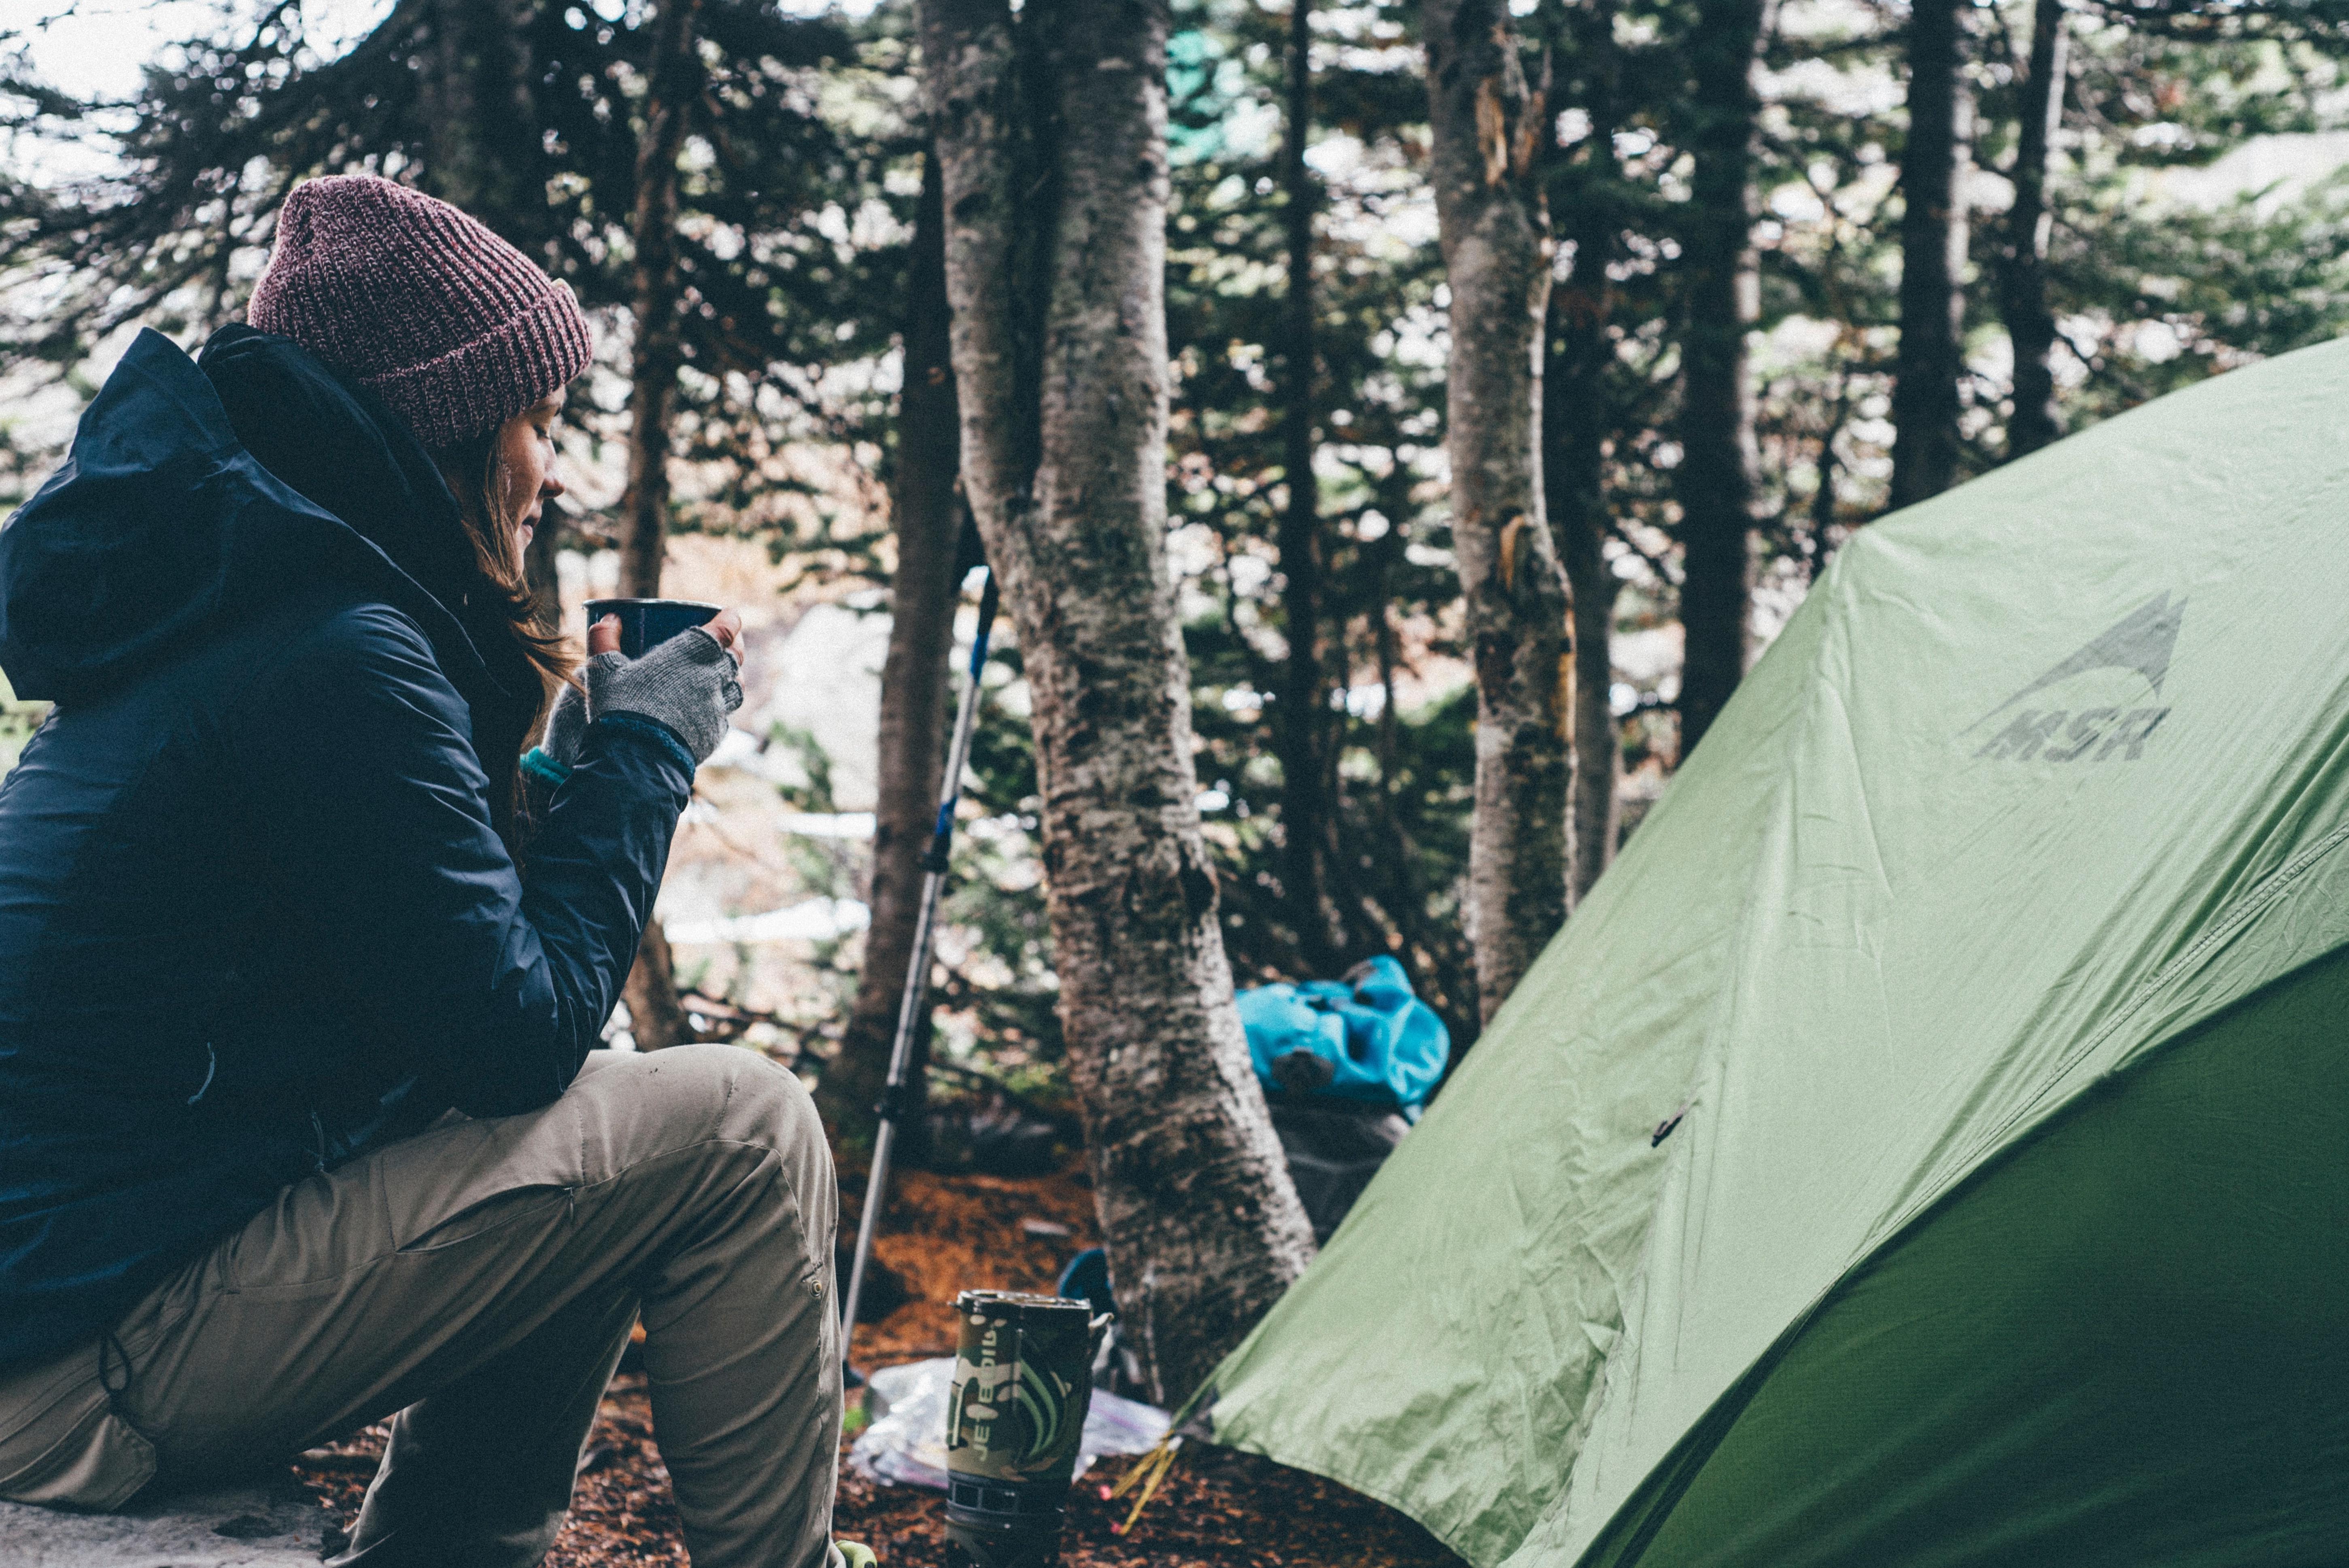 kamp yapmak doğa trekking